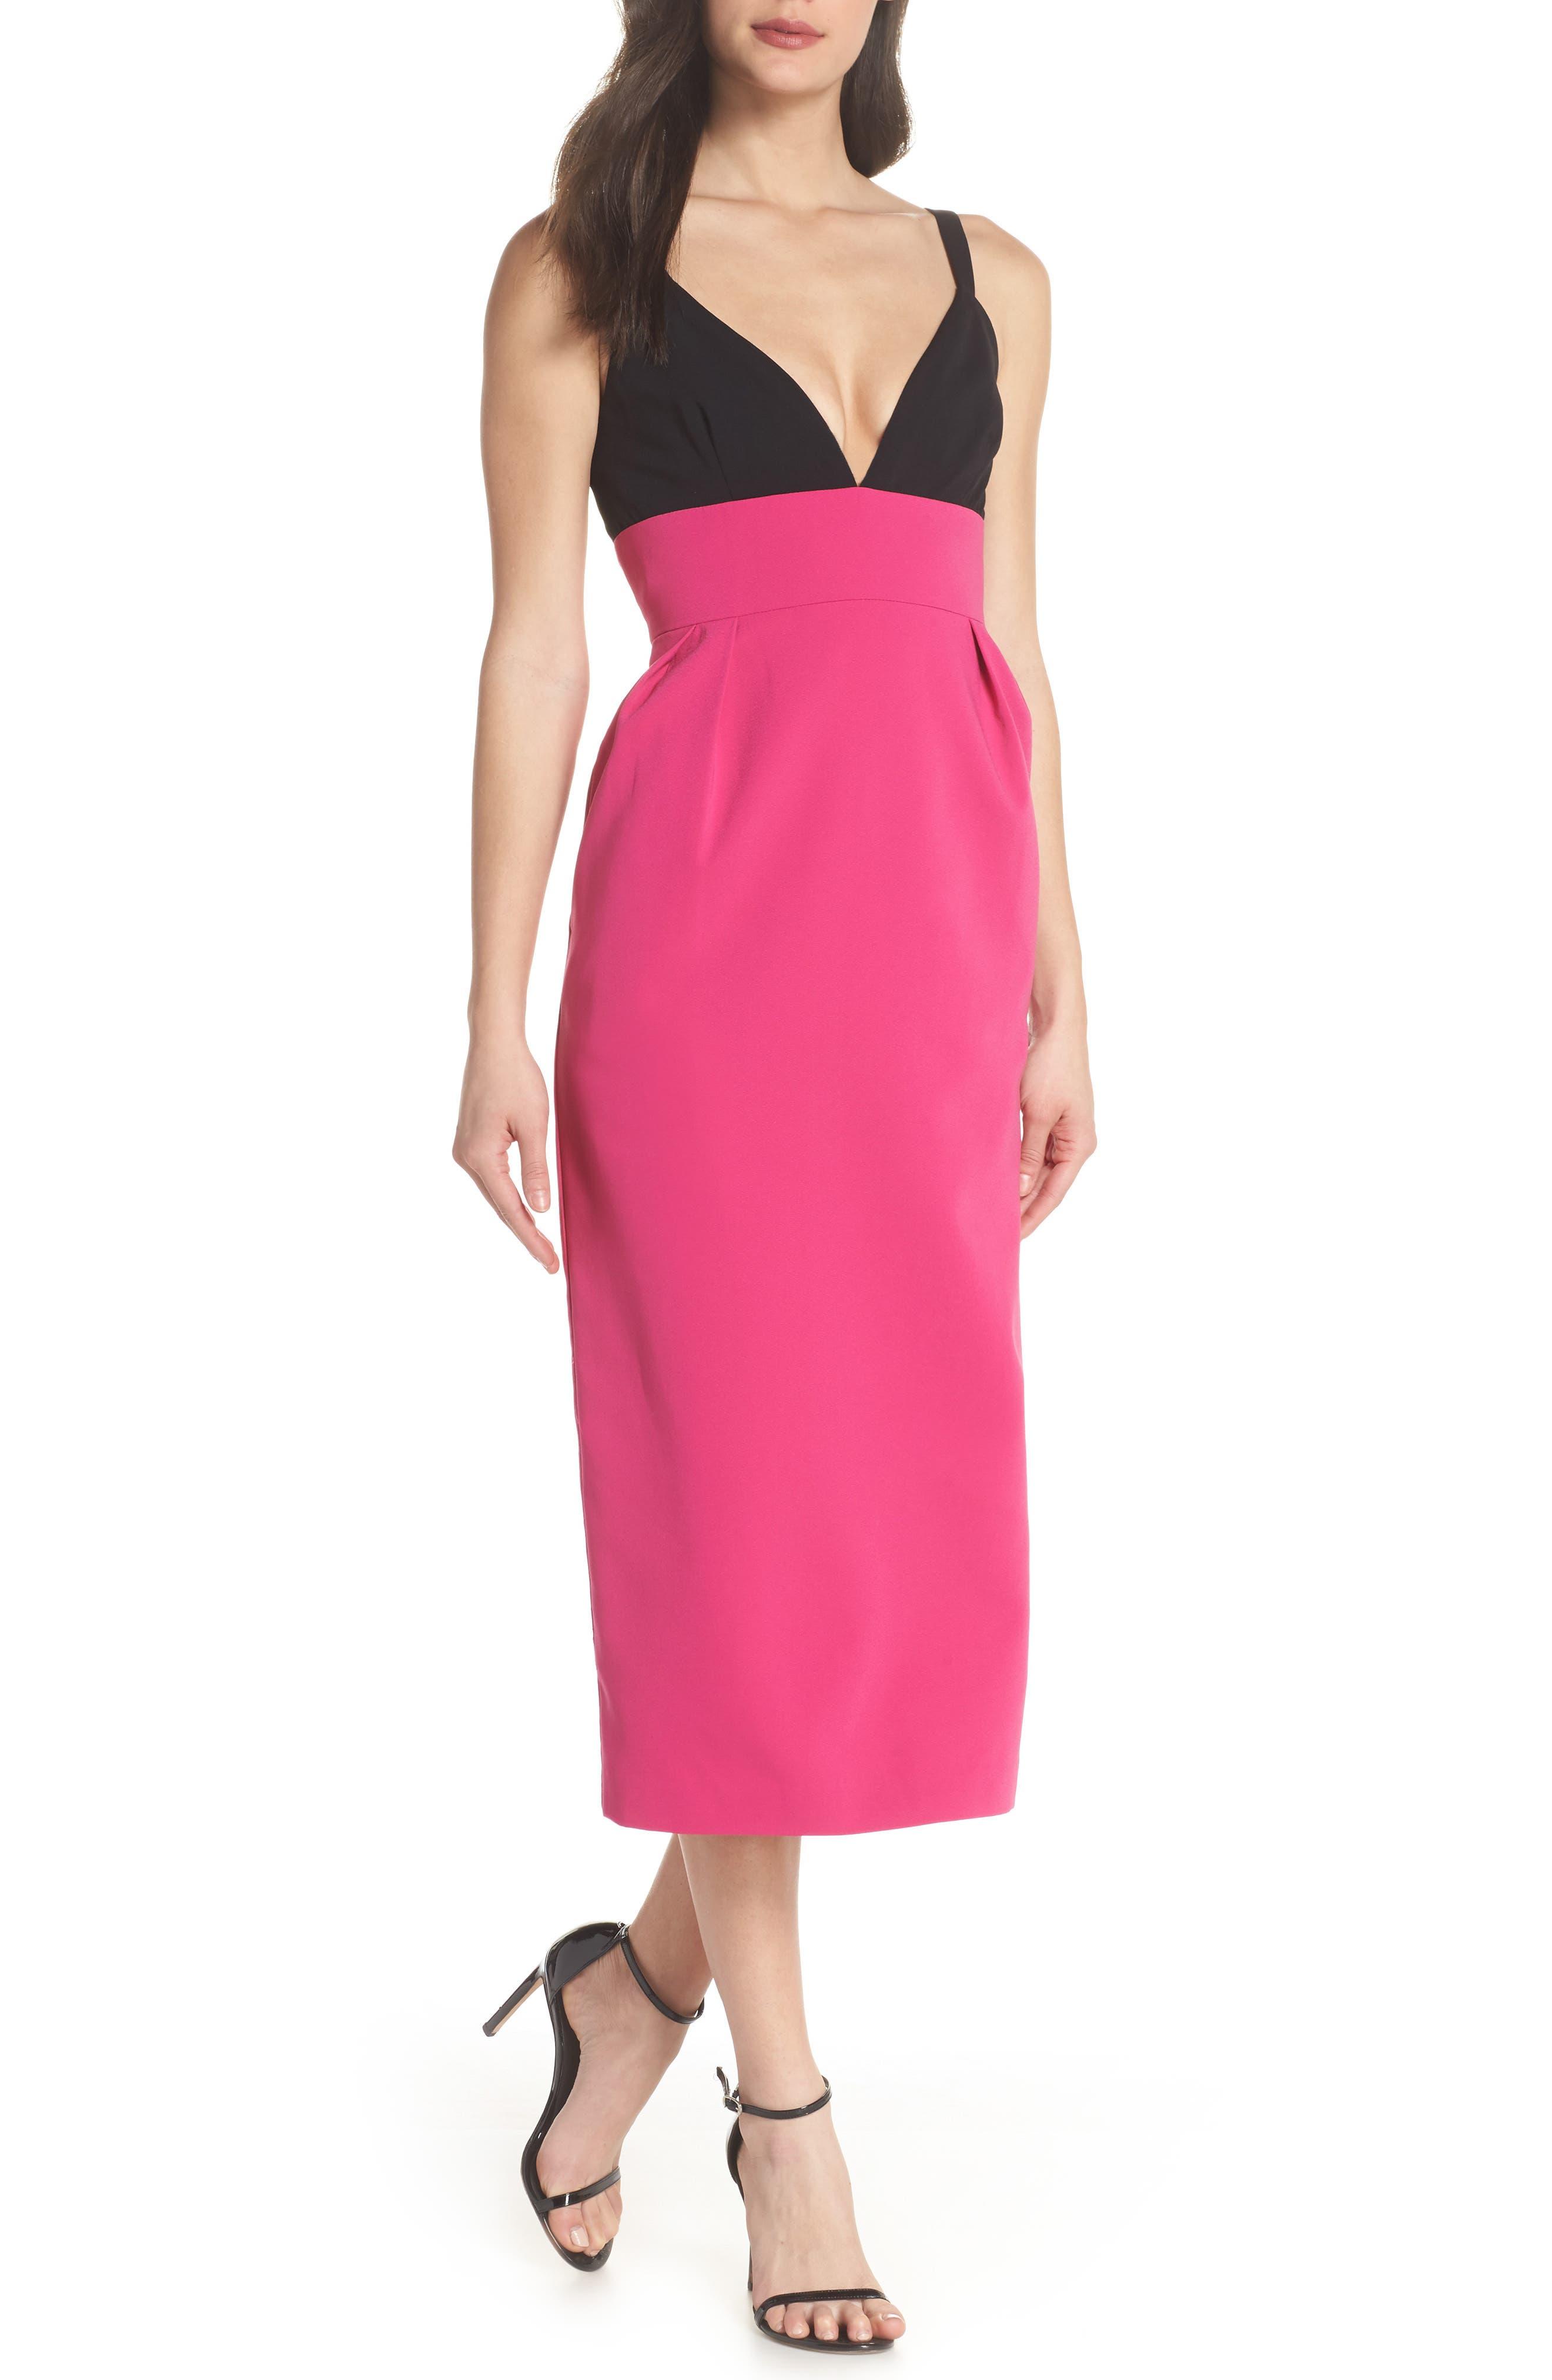 Jill Jill Stuart Colorblock Midi Dress